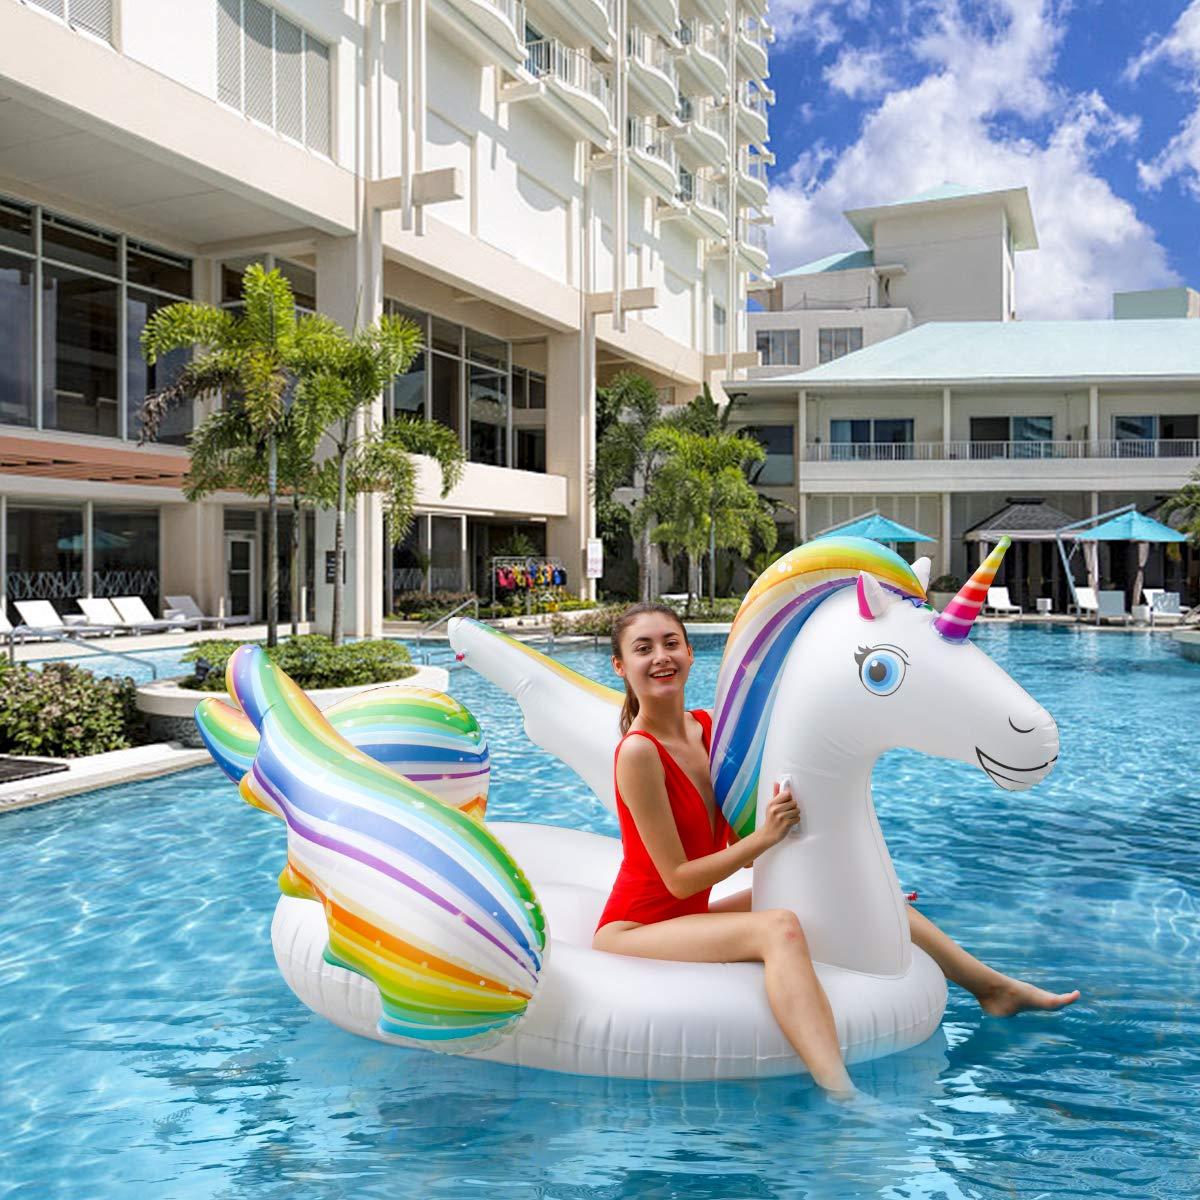 keenstone Unicorno Piscina Giocattoli Galleggiante Gigante Gonfiabile dello Stagno, Giocattolo Galleggiante dell\'Acqua di Nuoto, Letto di Galleggiamento all\'Aperto PVC del Partito della Spiaggia